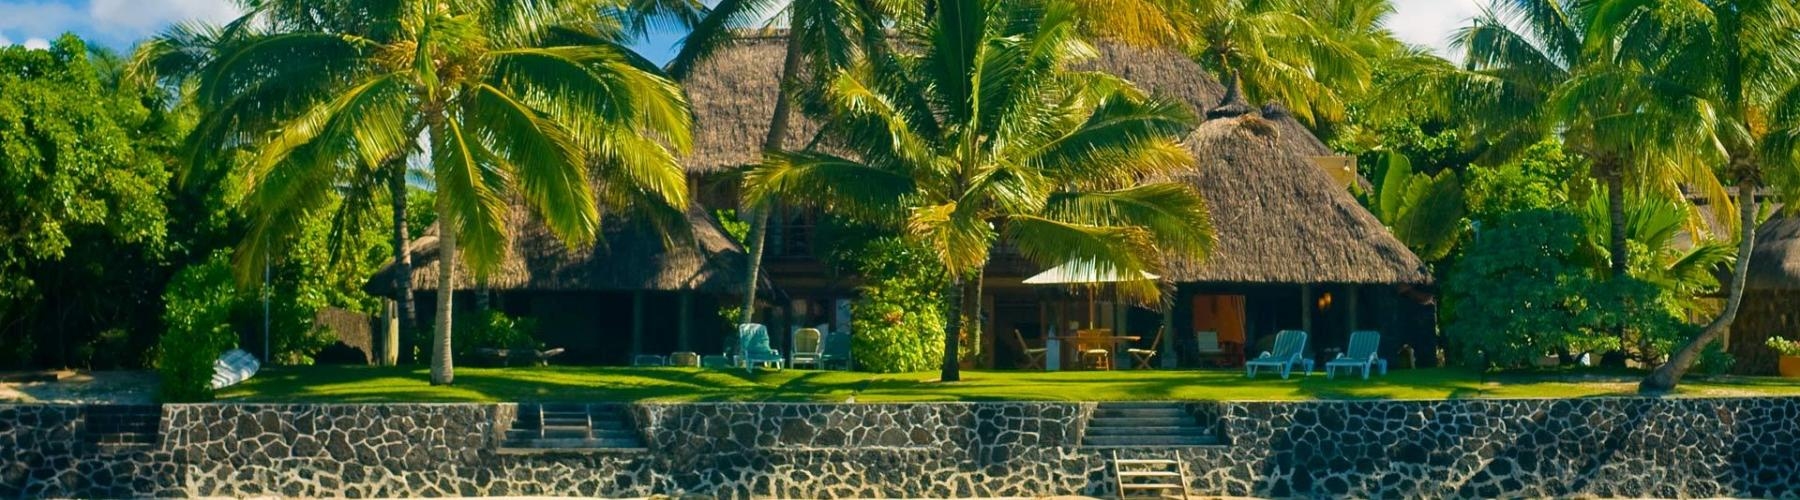 Маврикий, отдых на Восточном побережье